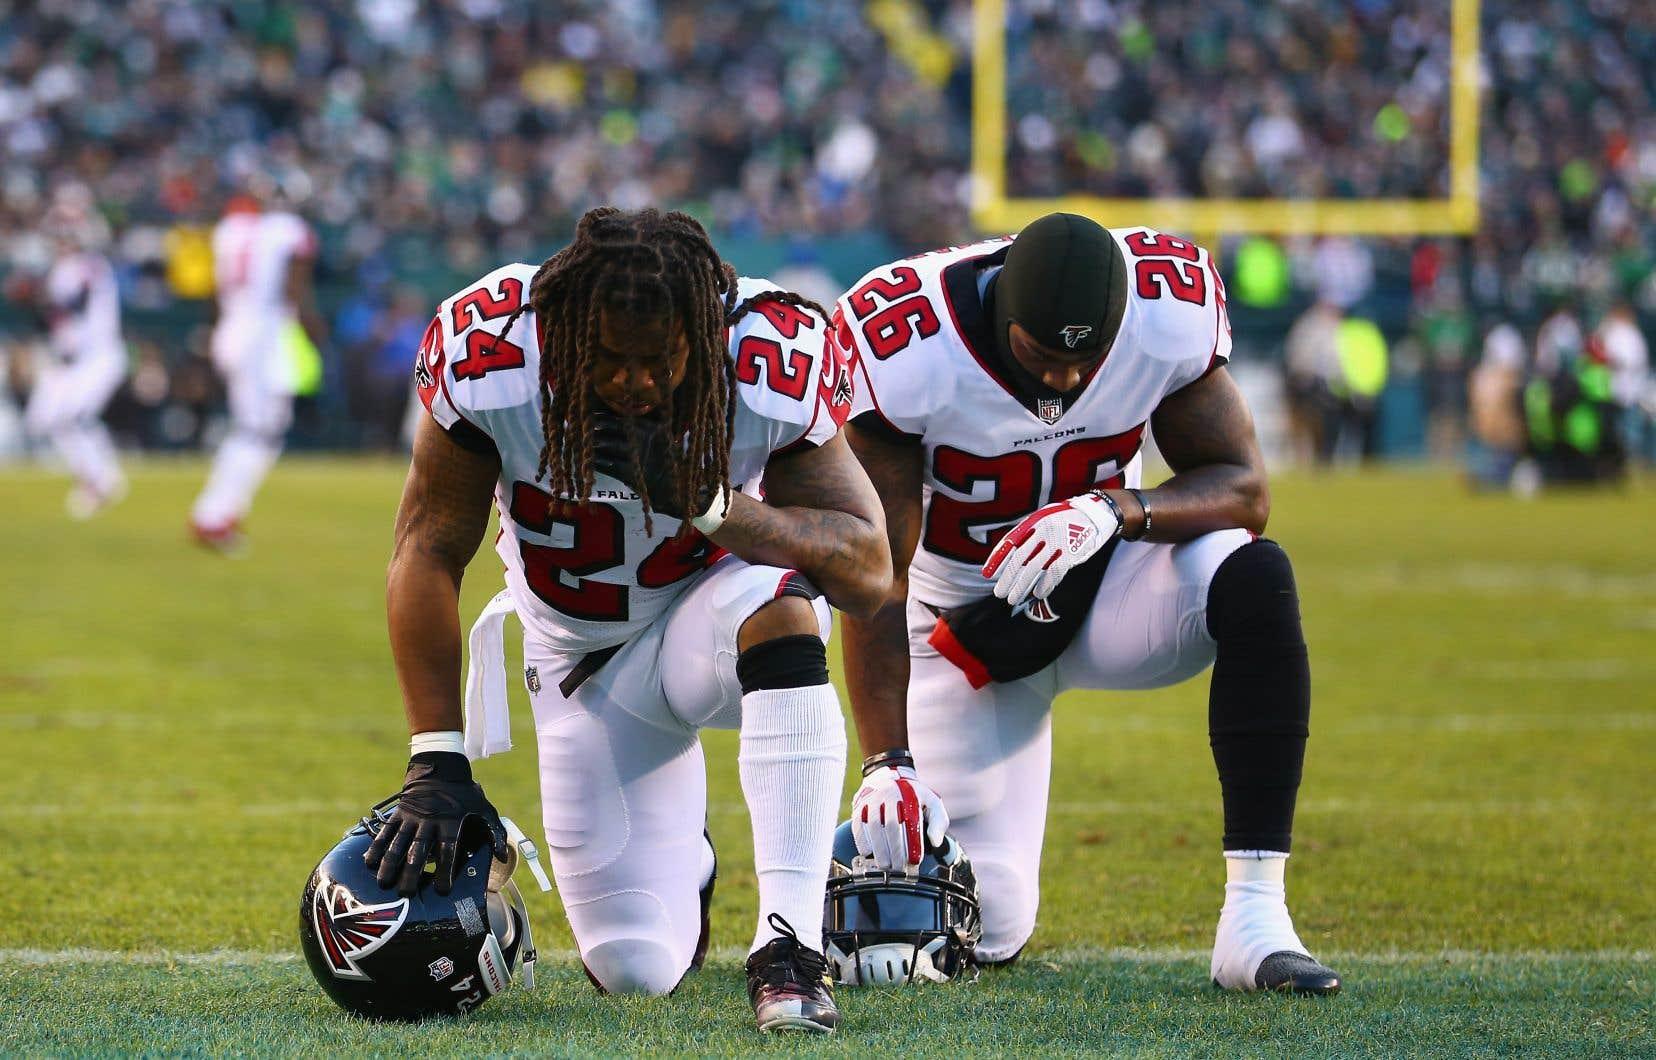 Des joueurs de la NFL mettent un genou à terre pendant l'hymne national pour dénoncer les violences policières et les tensions raciales aux États-Unis.